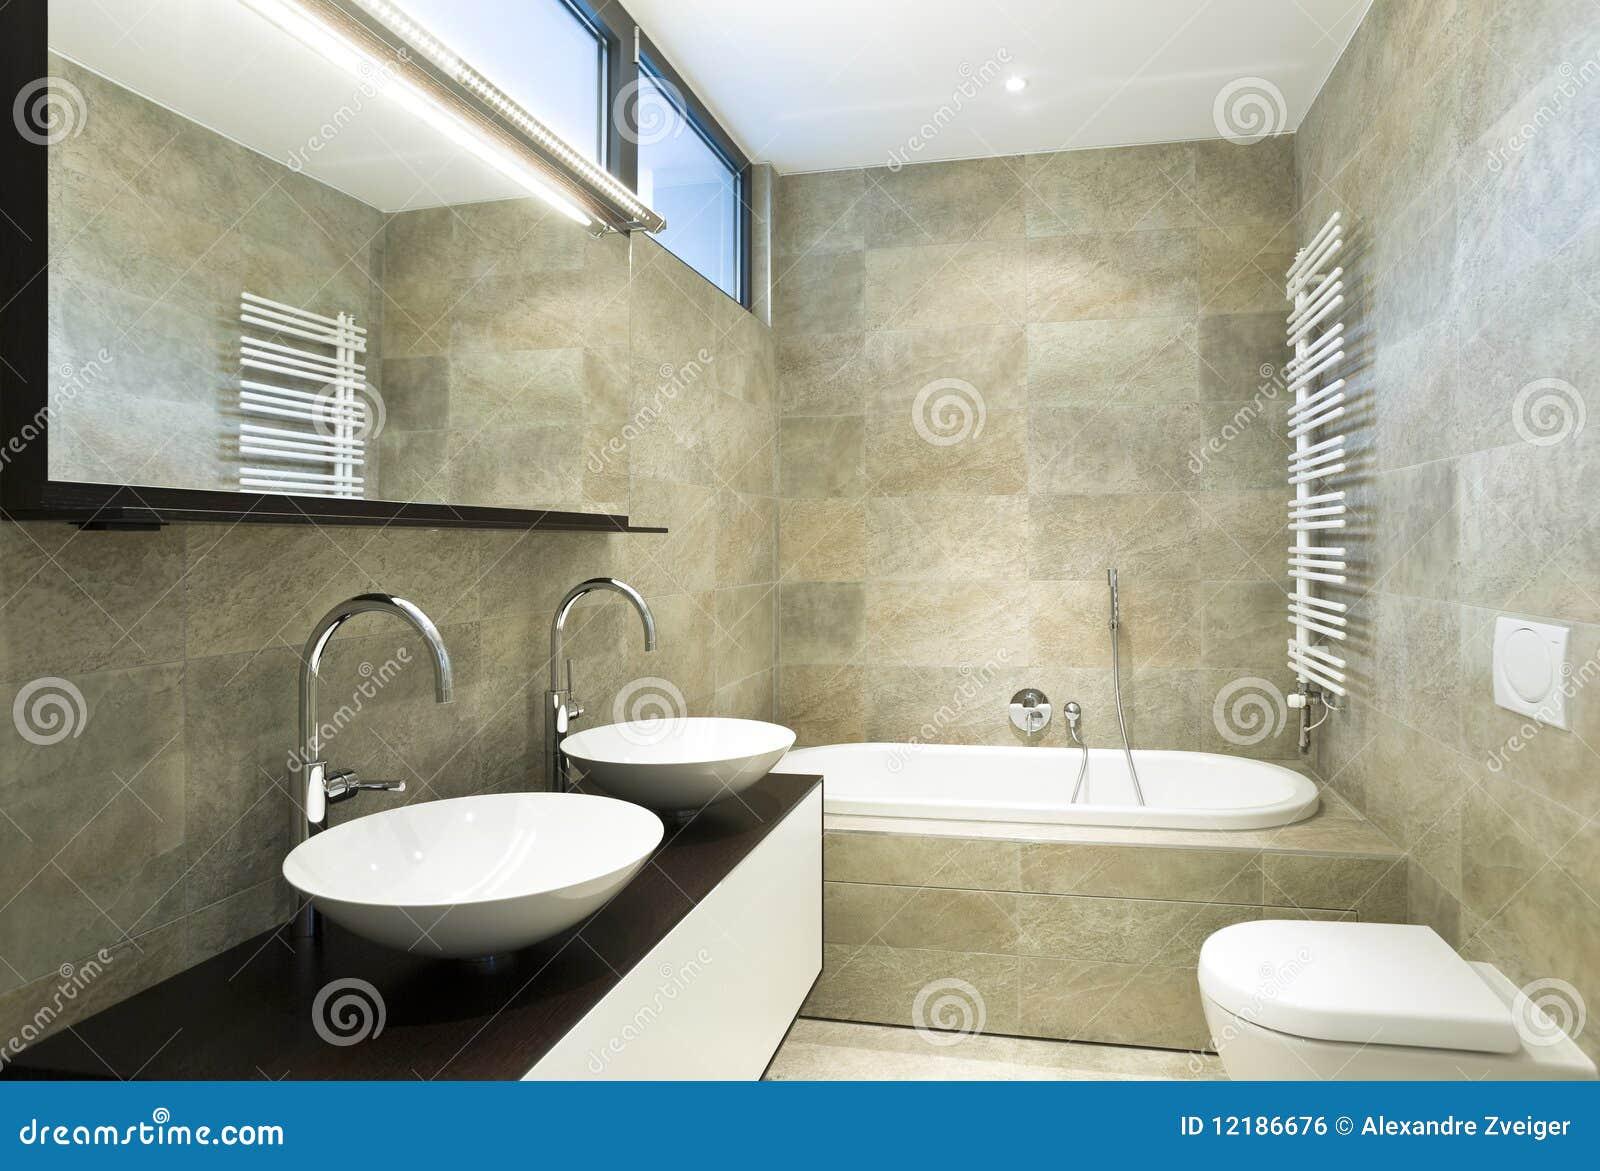 #82A229 Banheiro Bonito Interior Imagem de Stock Royalty Free Imagem  1300x968 px Banheiros Bonitos Fotos 1519